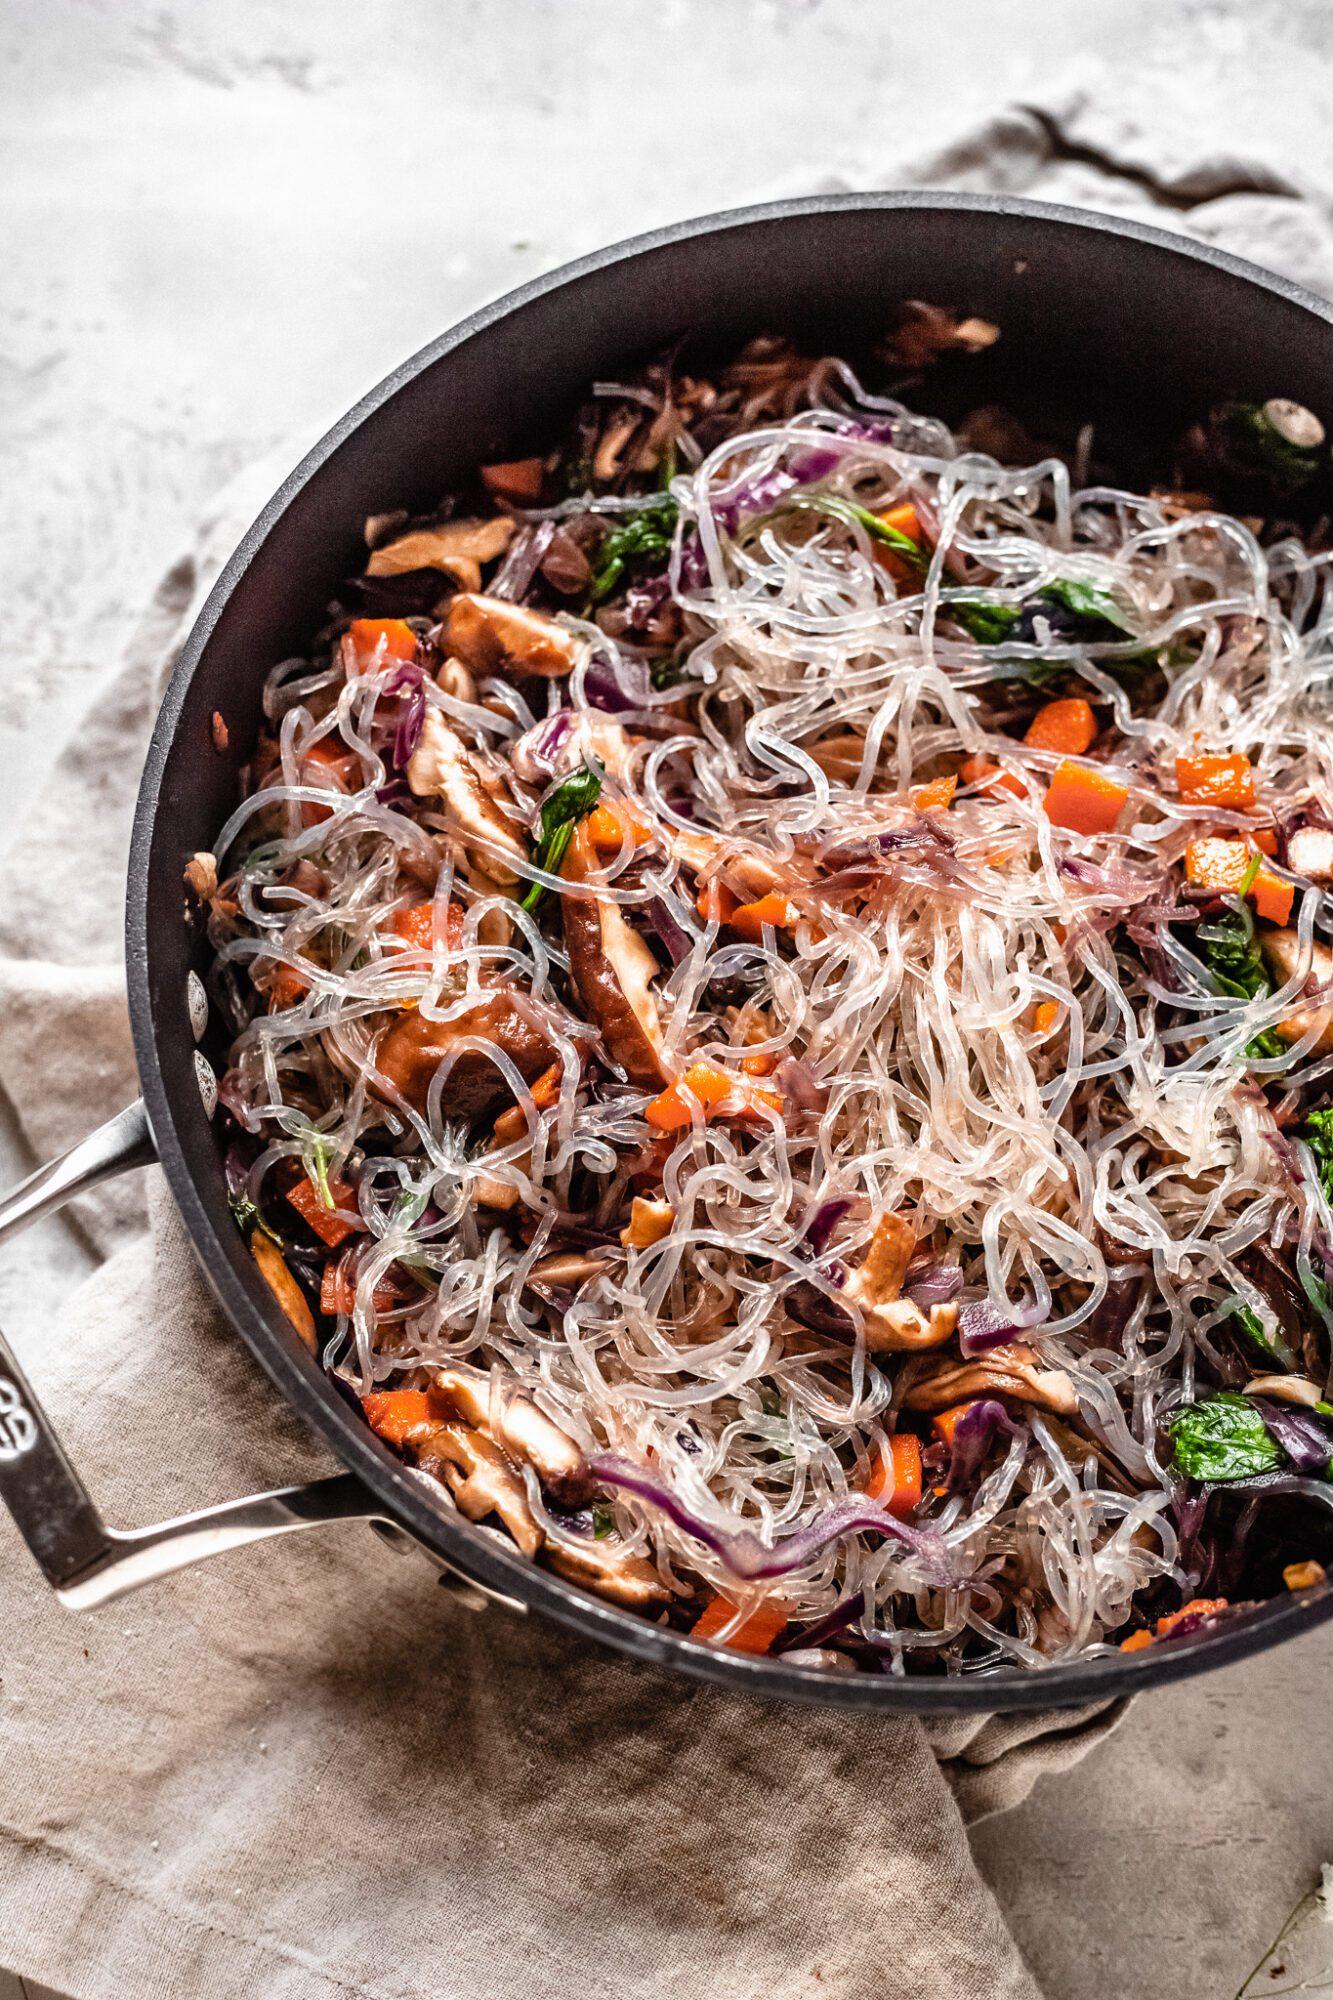 kelp noodles in stir fry veggies